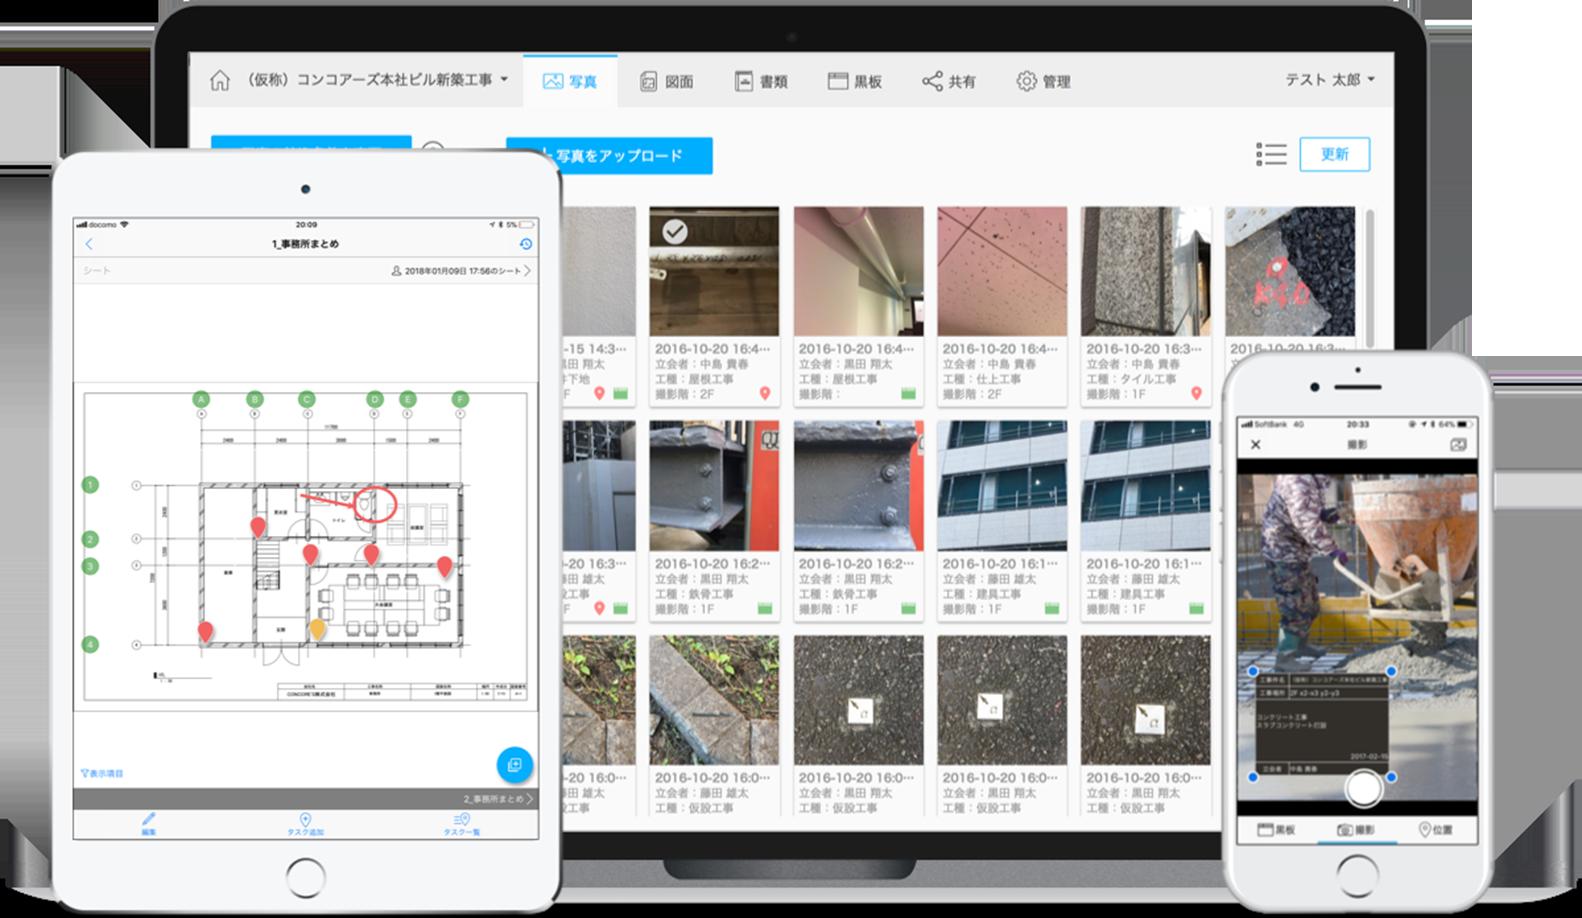 建築・土木の生産支援クラウドサービス Photoruction(フォトラクション)